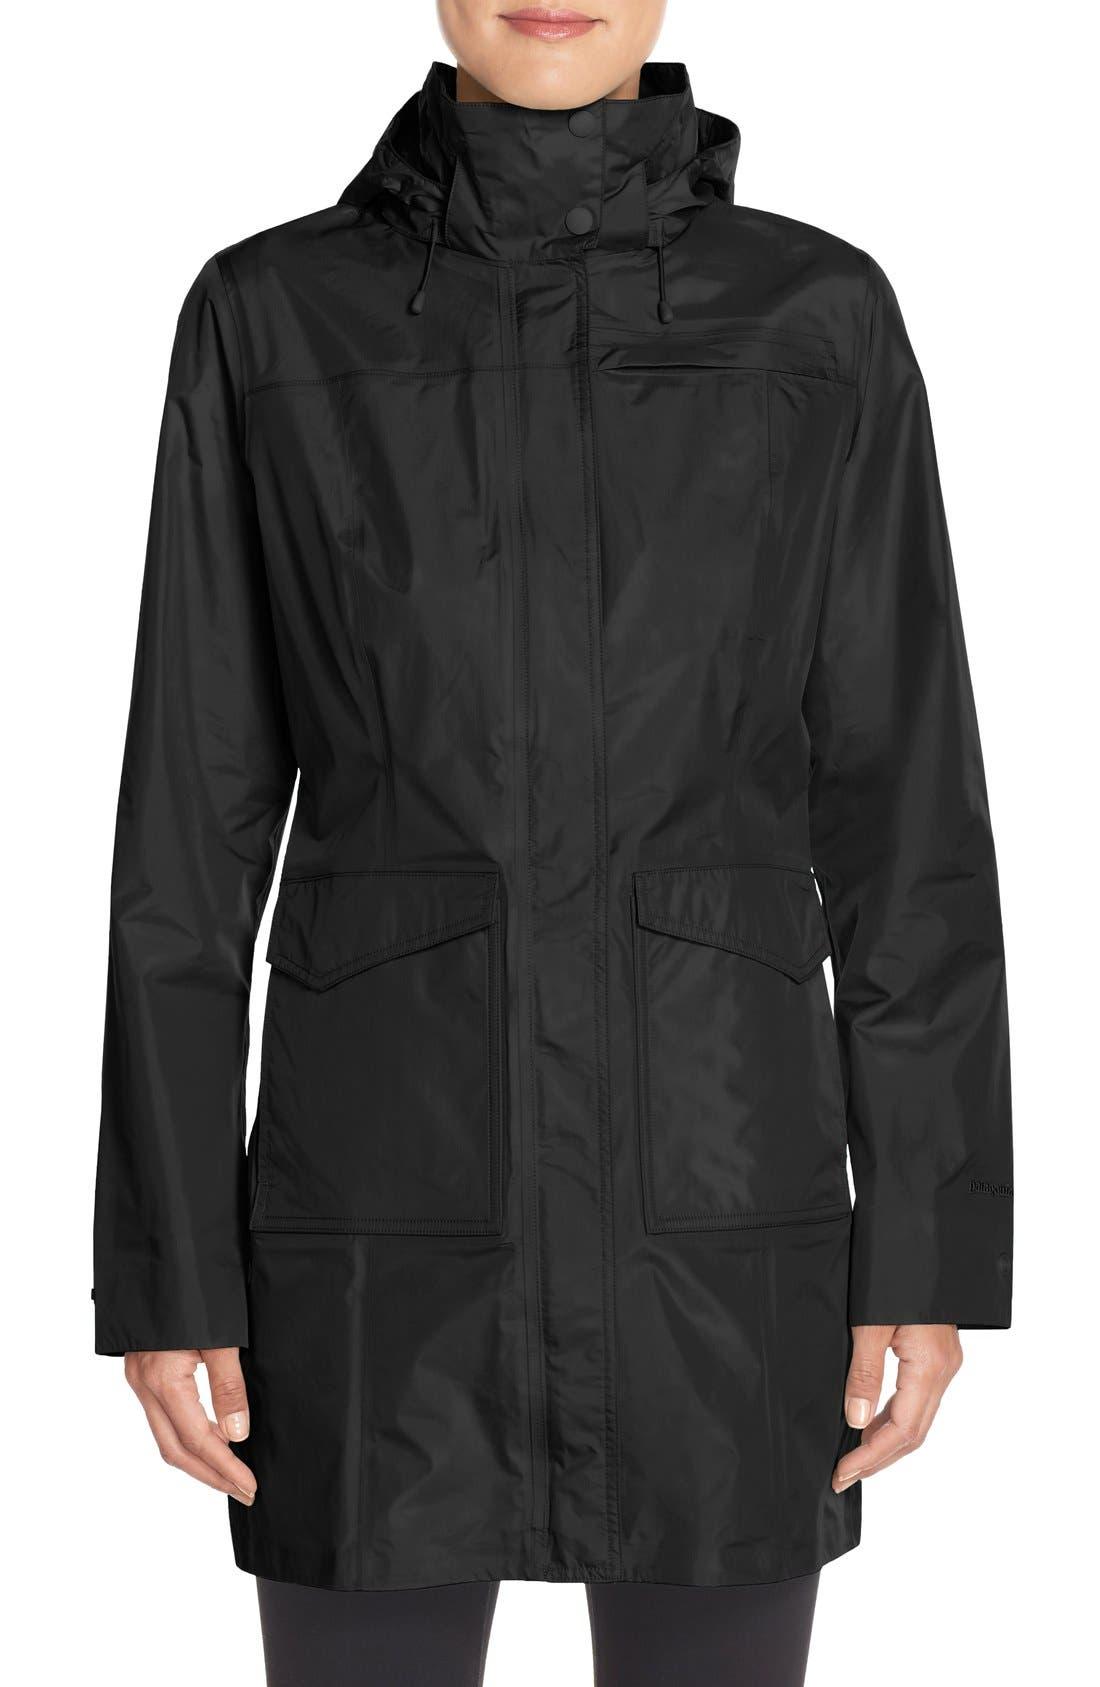 'Torrentshell' Waterproof City Coat, Main, color, 001